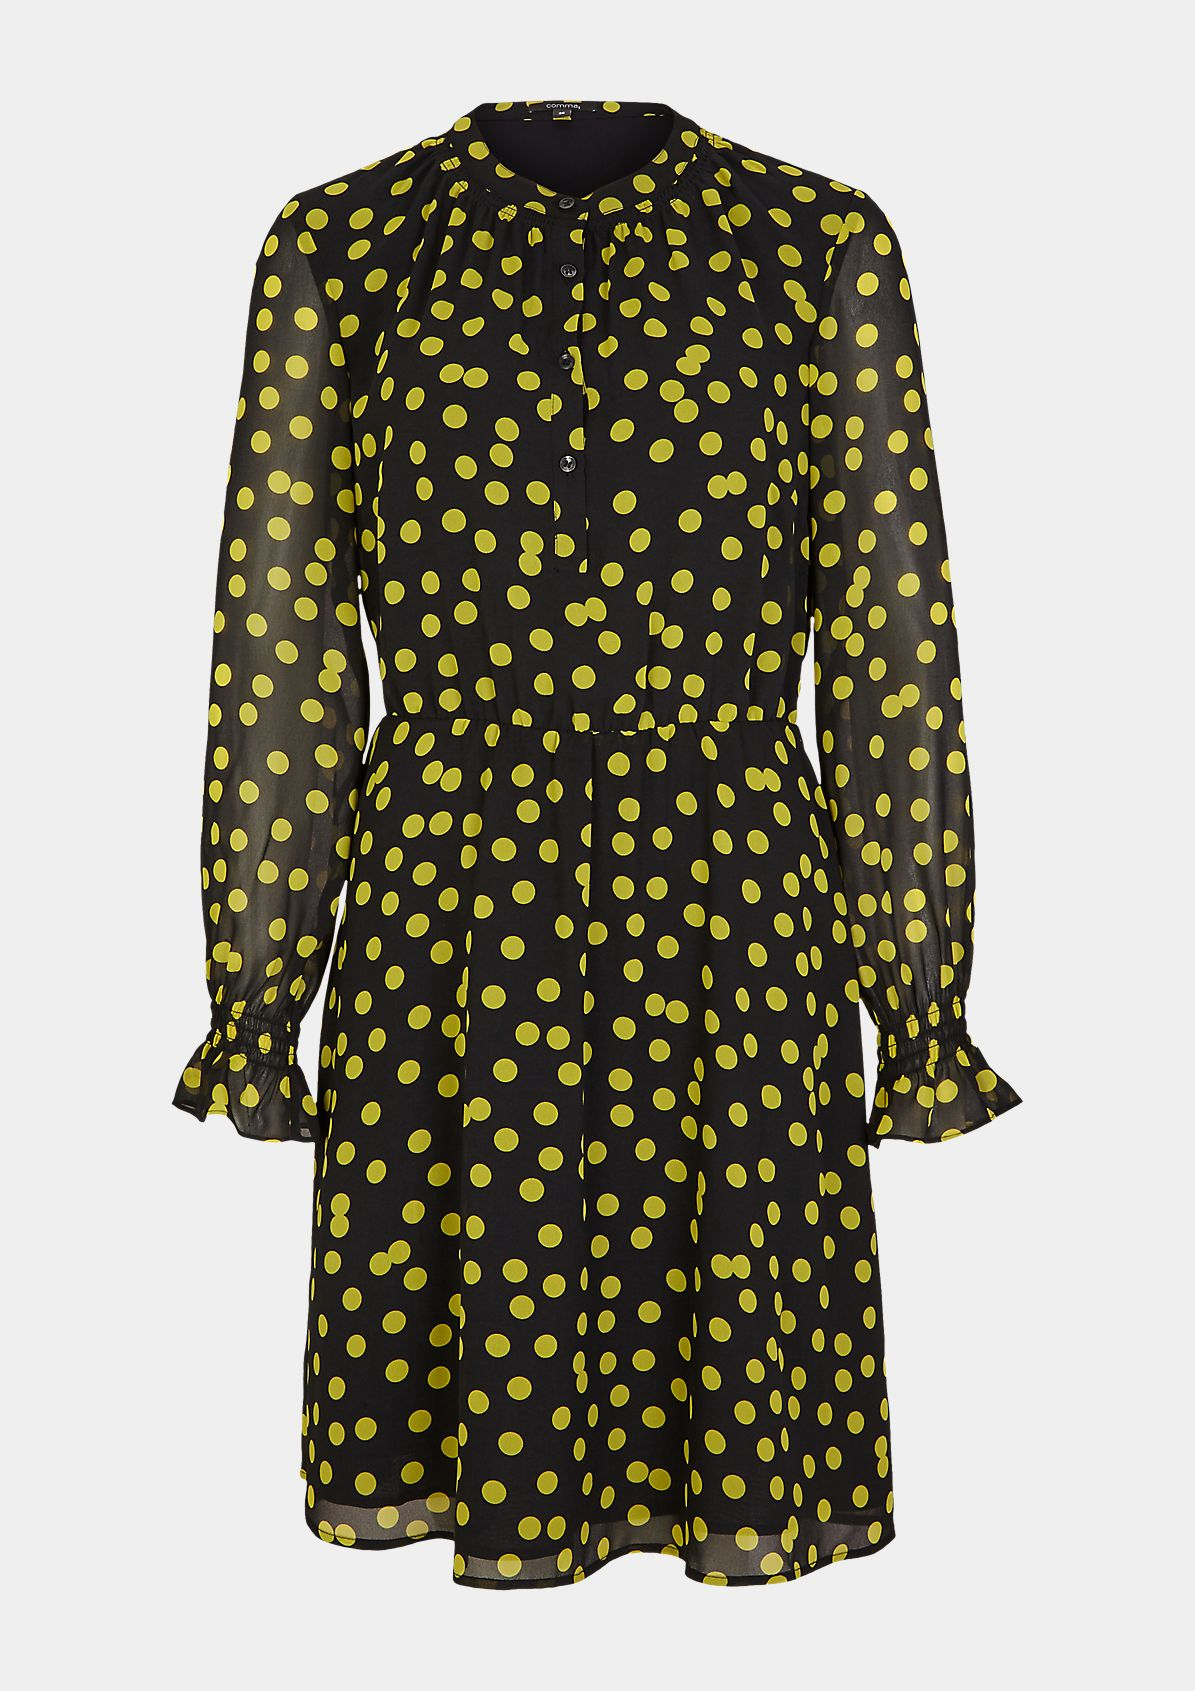 Bedrucktes Kleid mit Smok-Details